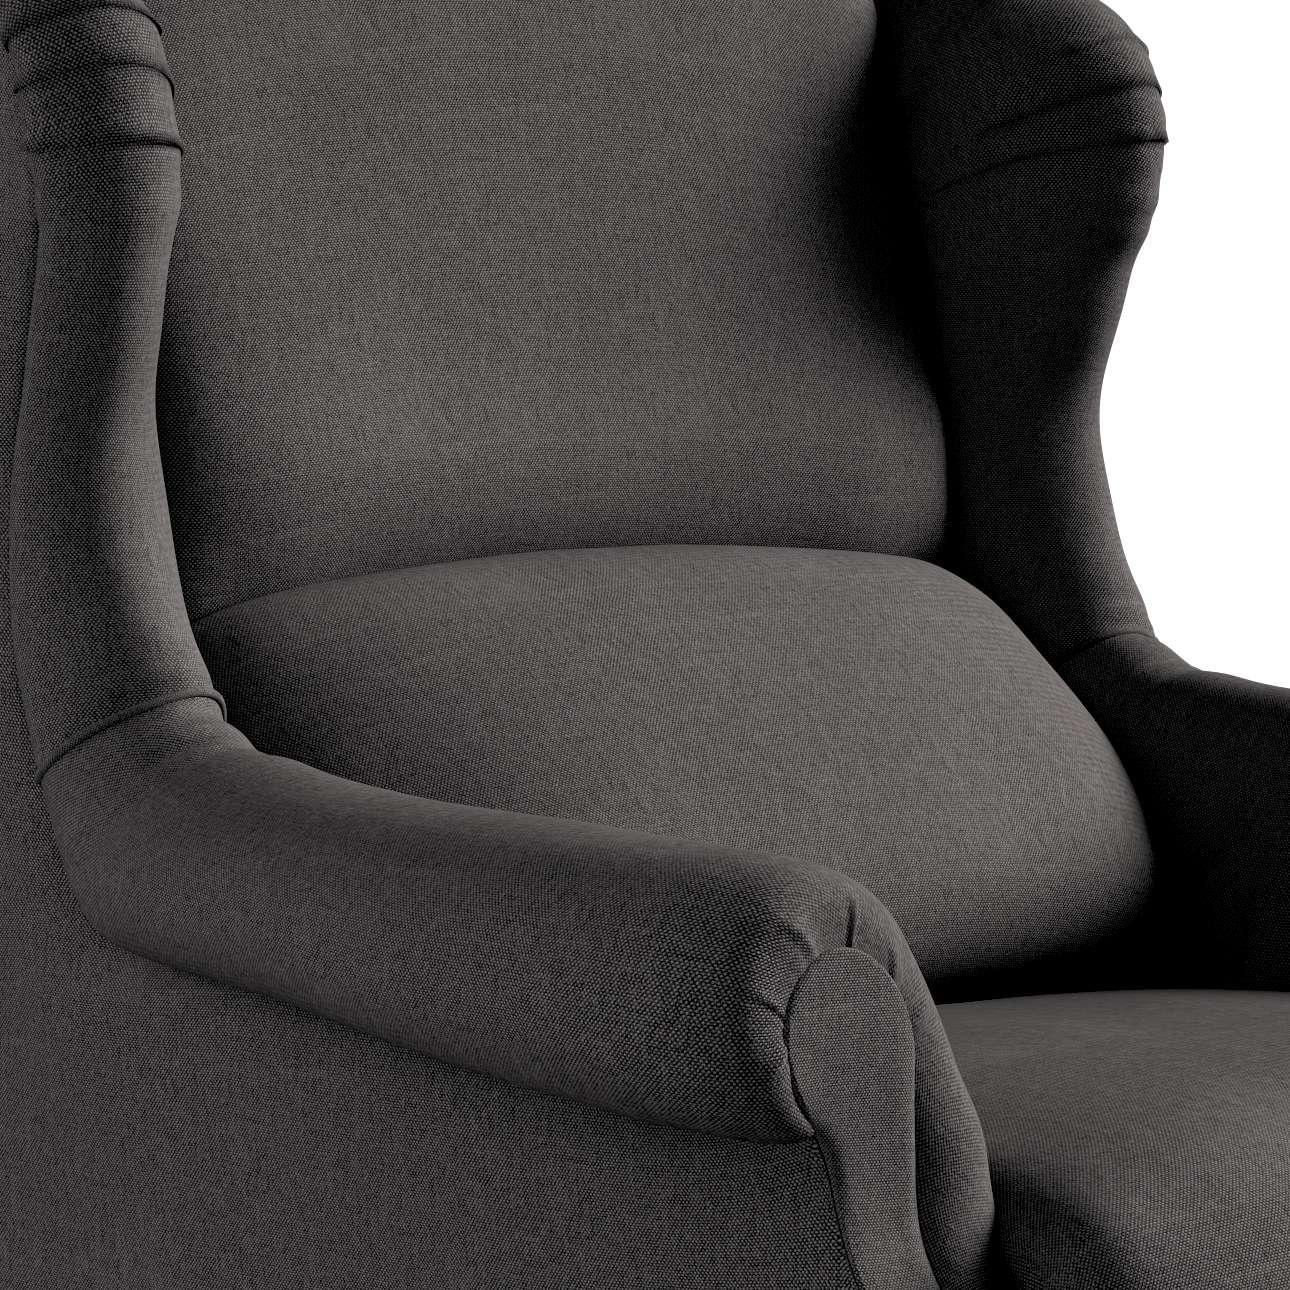 Sessel 63 x 115 cm von der Kollektion Etna, Stoff: 705-35